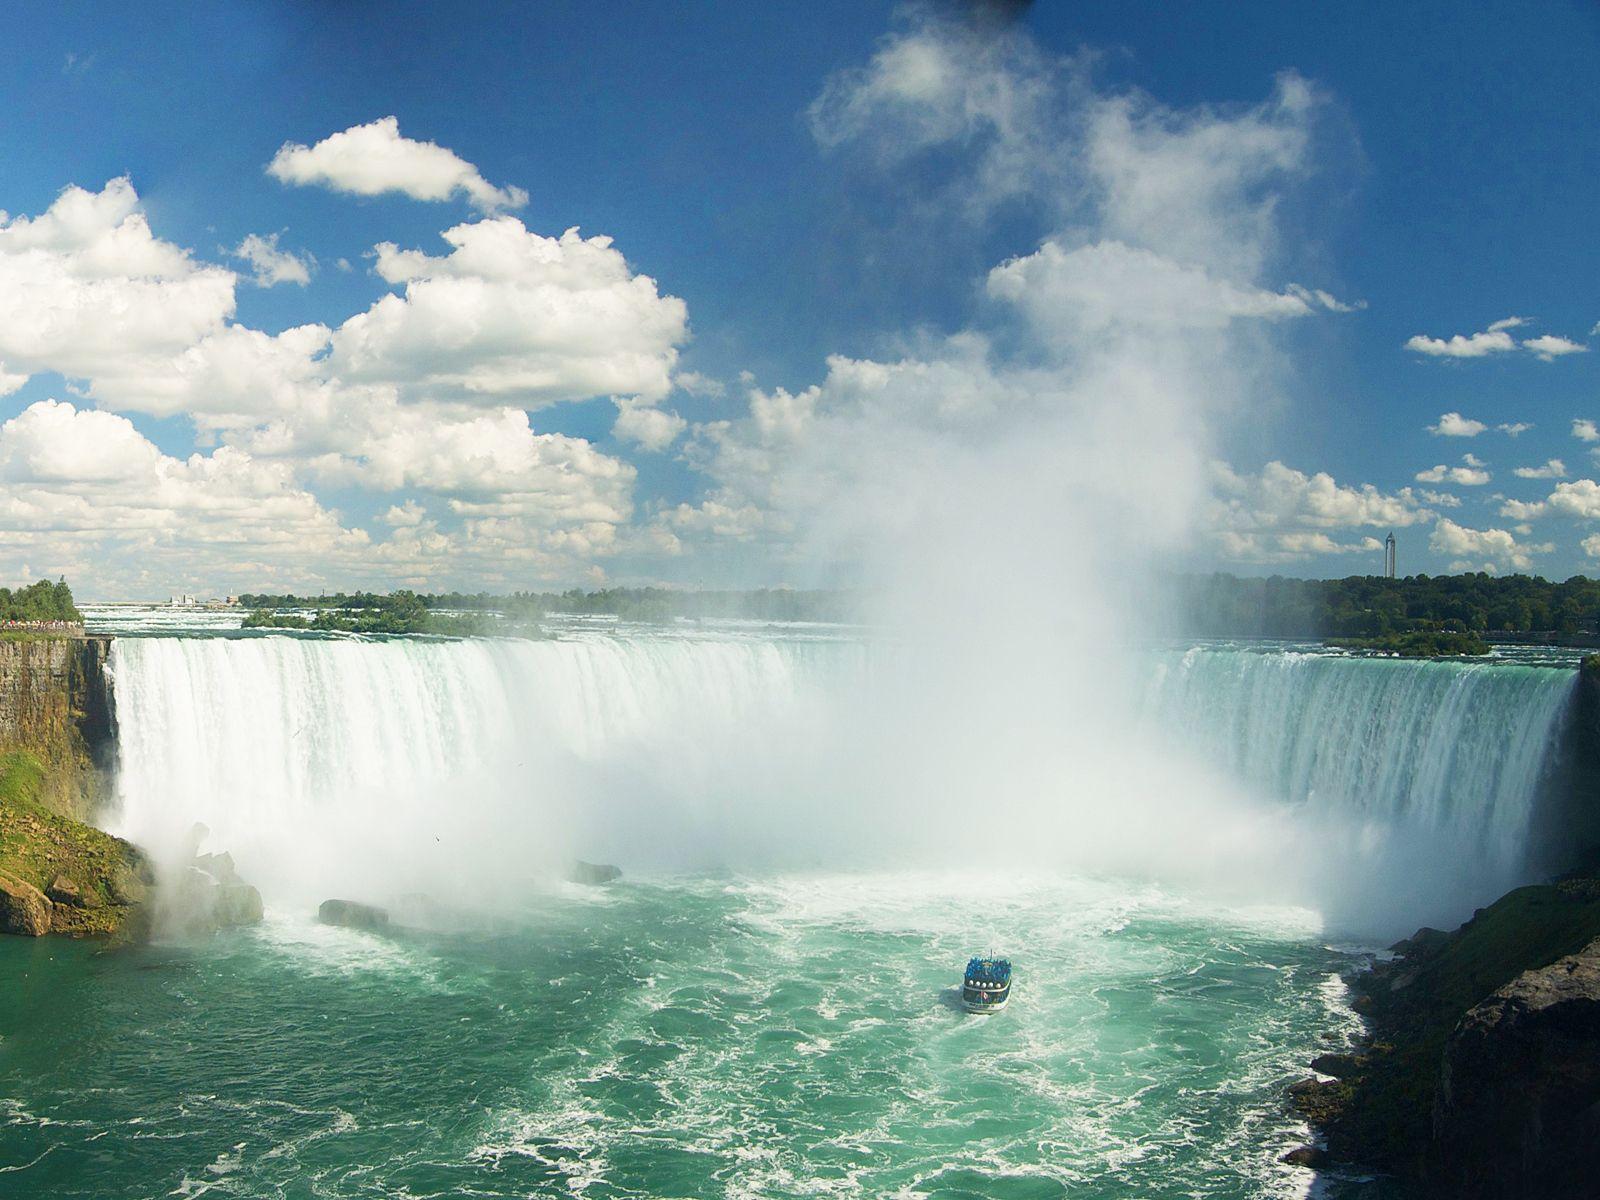 Высота водопадов составляет 53 метра